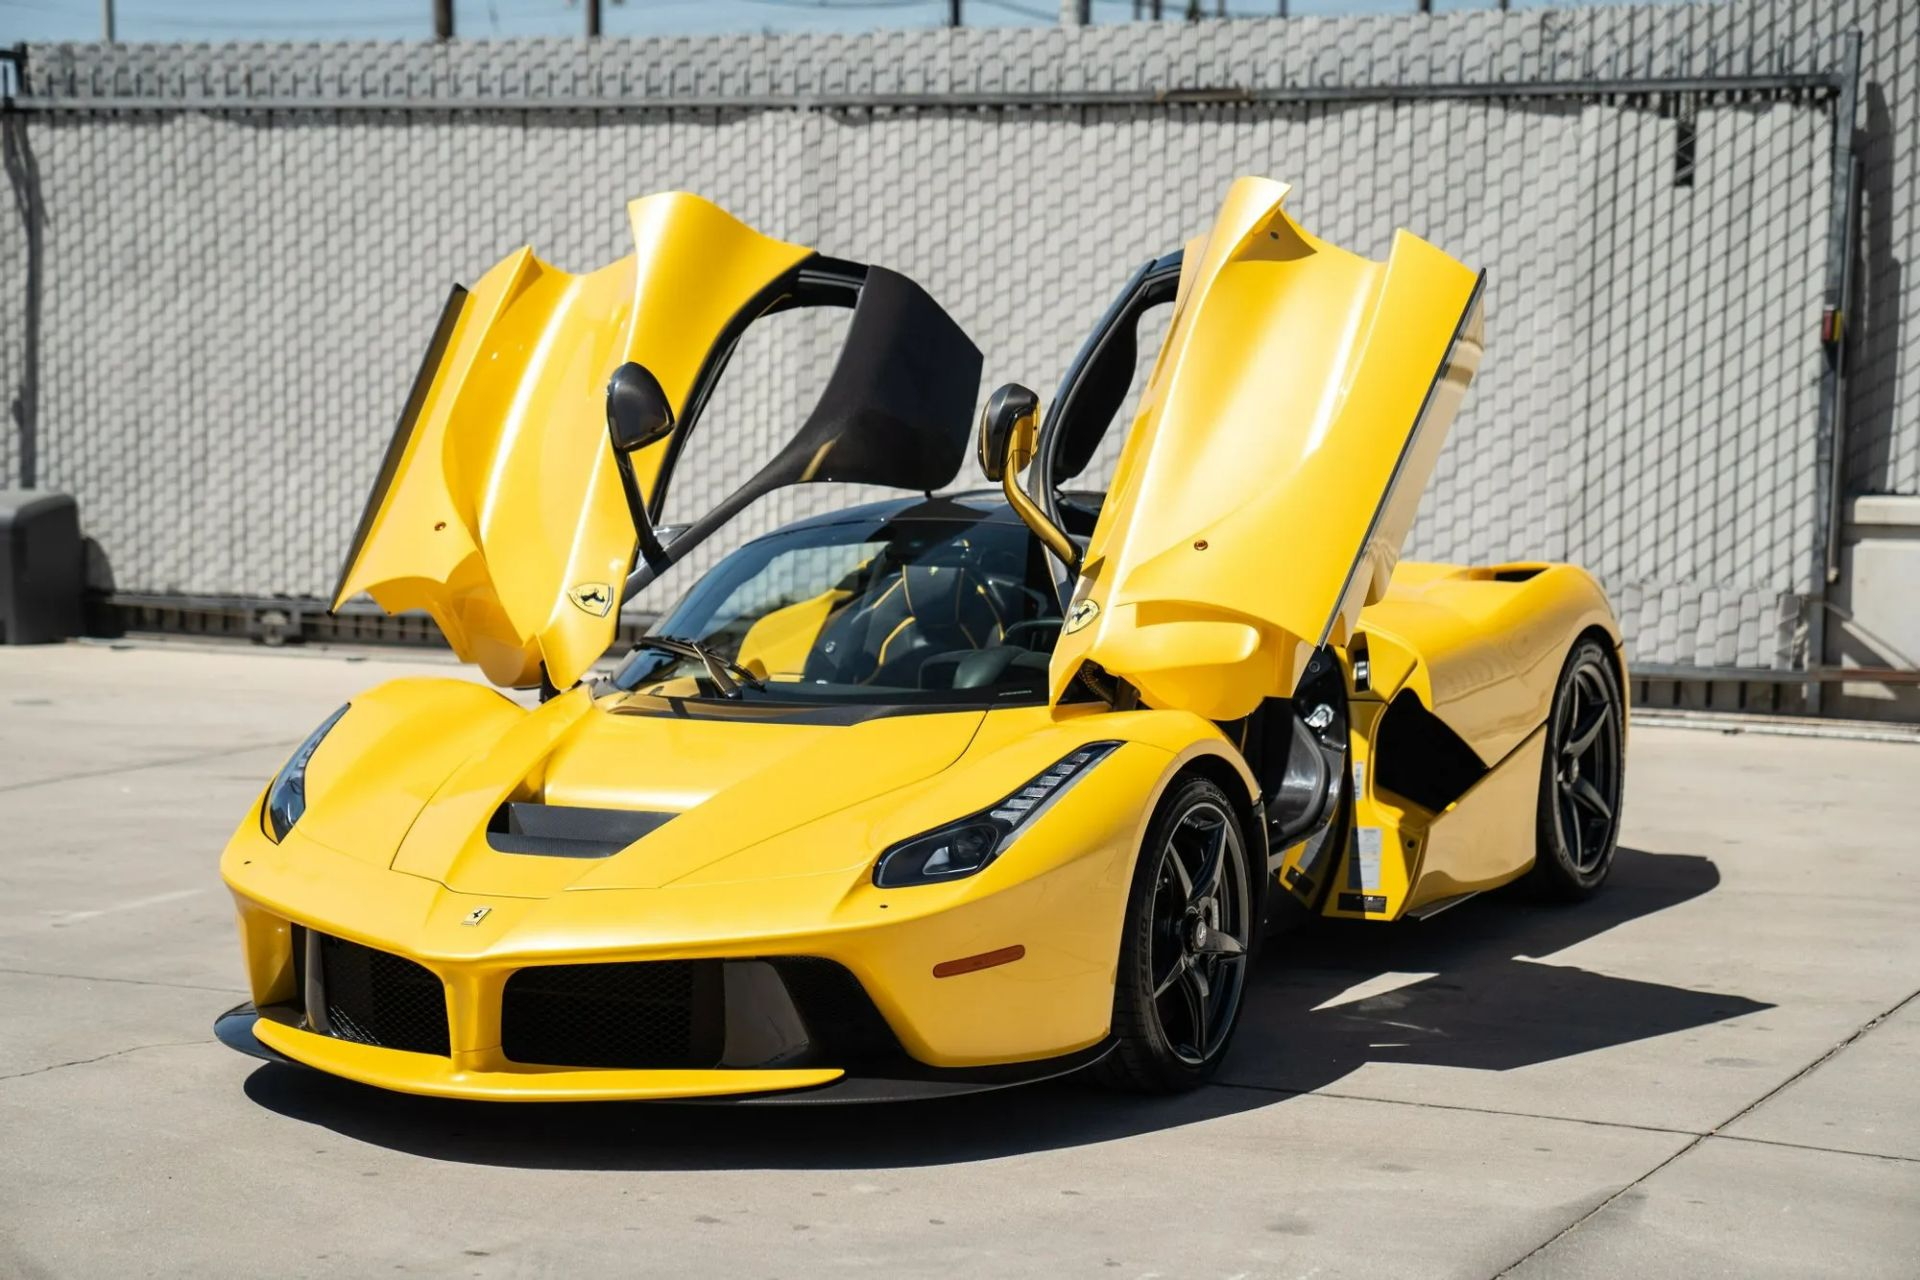 2015-La-Ferrari-Giallo-Triplo-Strato-10